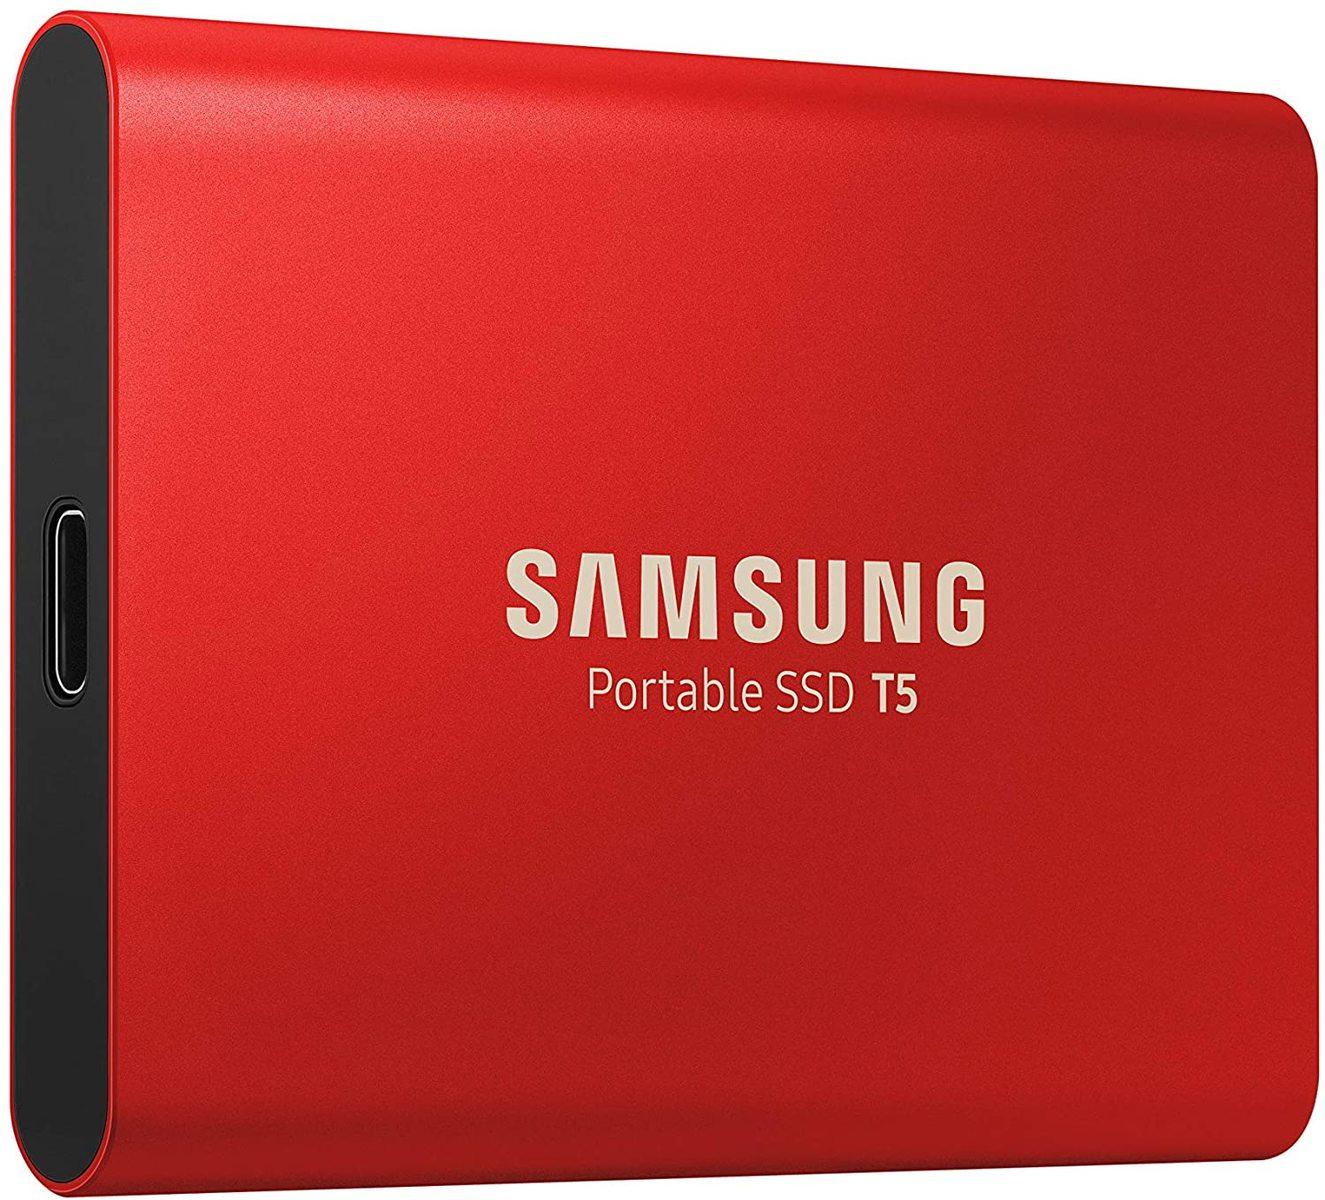 ベストセラー人気no1サムスン Samsung 外付けSSD T5 500GB USB3.1 Gen2対応 正規代理店保証品 MU-PA500R 5☆大好評 PlayStation4 EC 動作確認済 限定赤モデル お得クーポン発行中